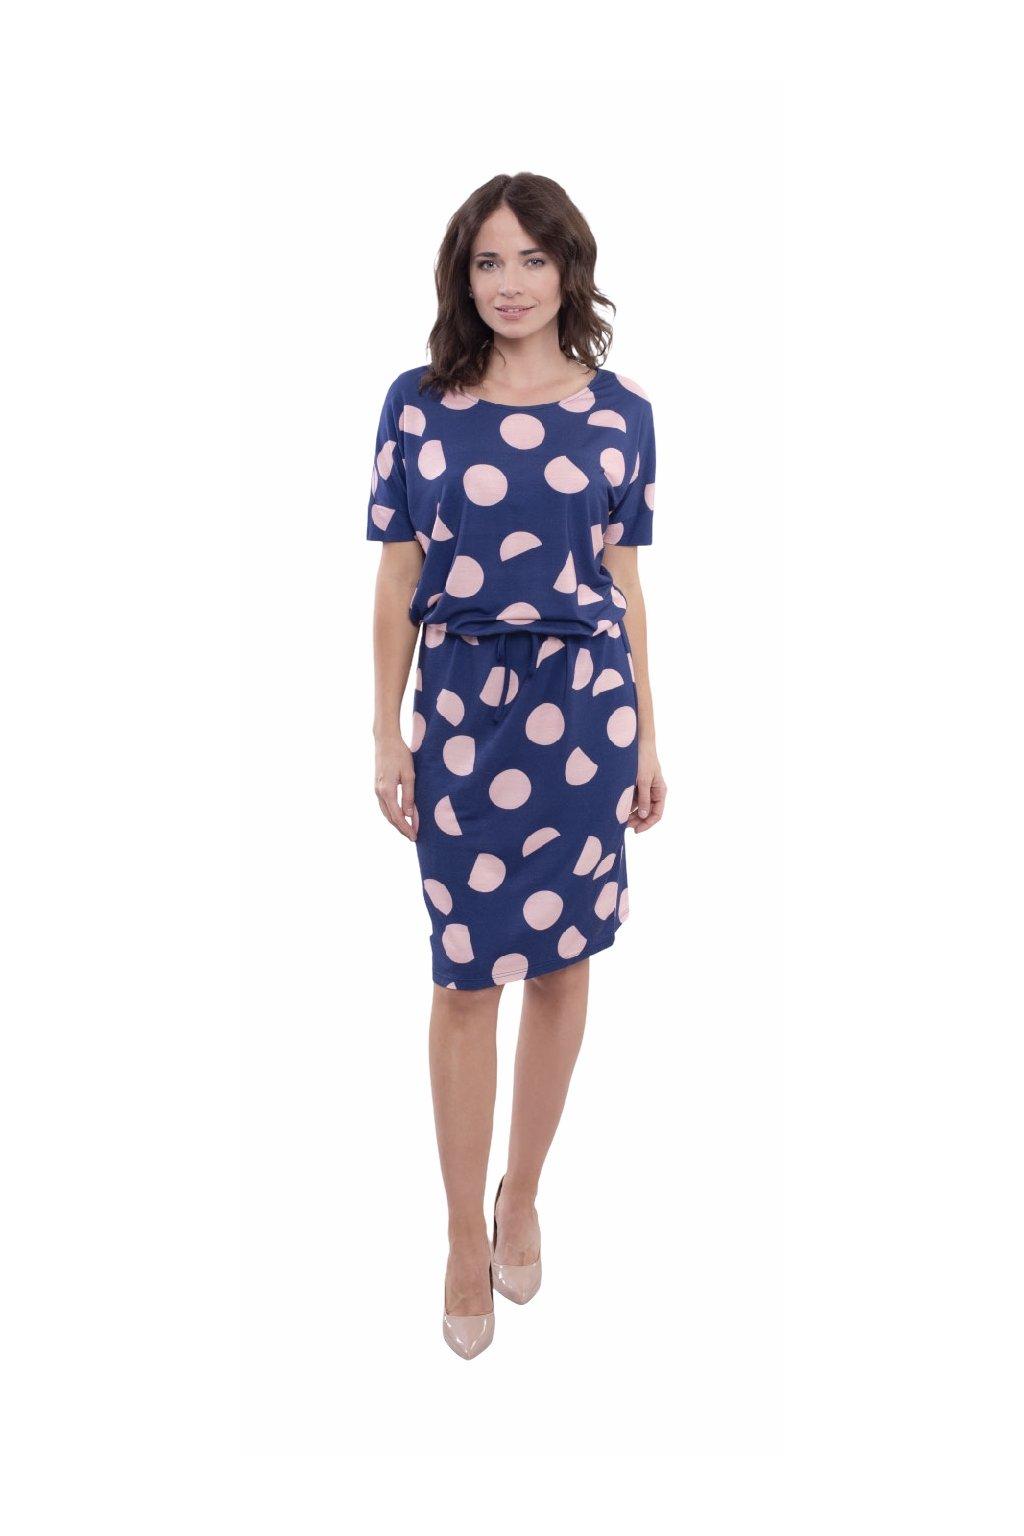 Dámské šaty s krátkým rukávem, 105140 247, modrá